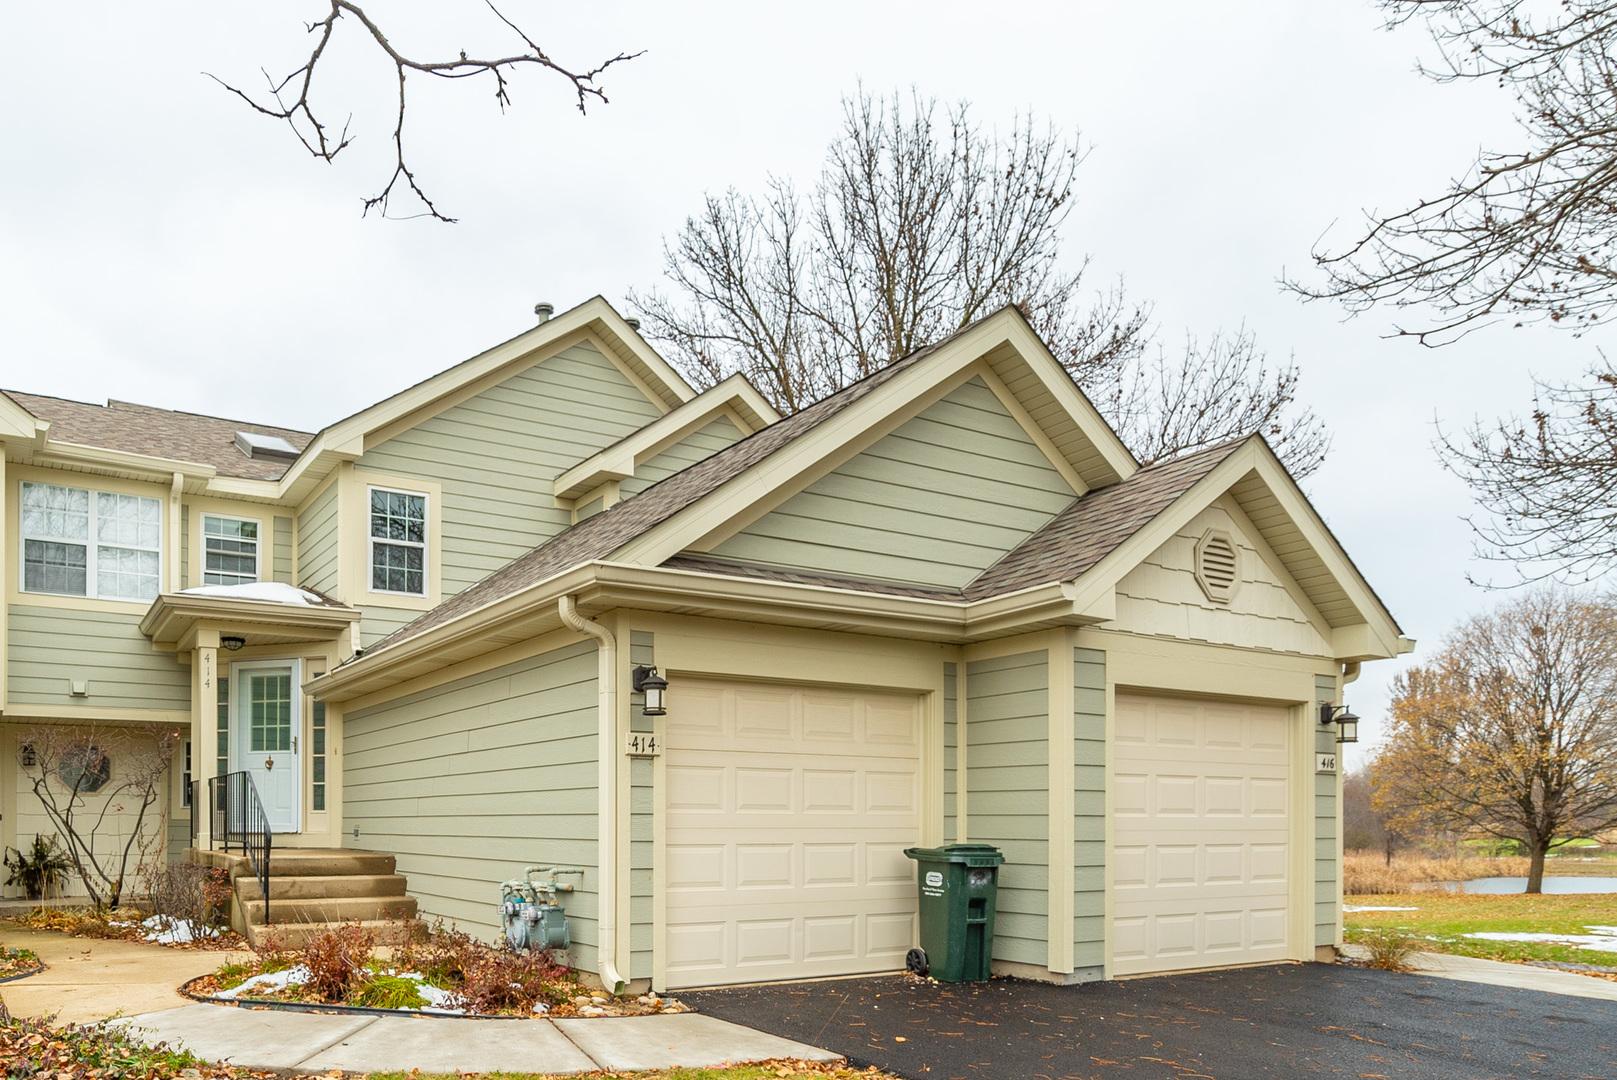 414 Hamilton ,Palatine, Illinois 60067